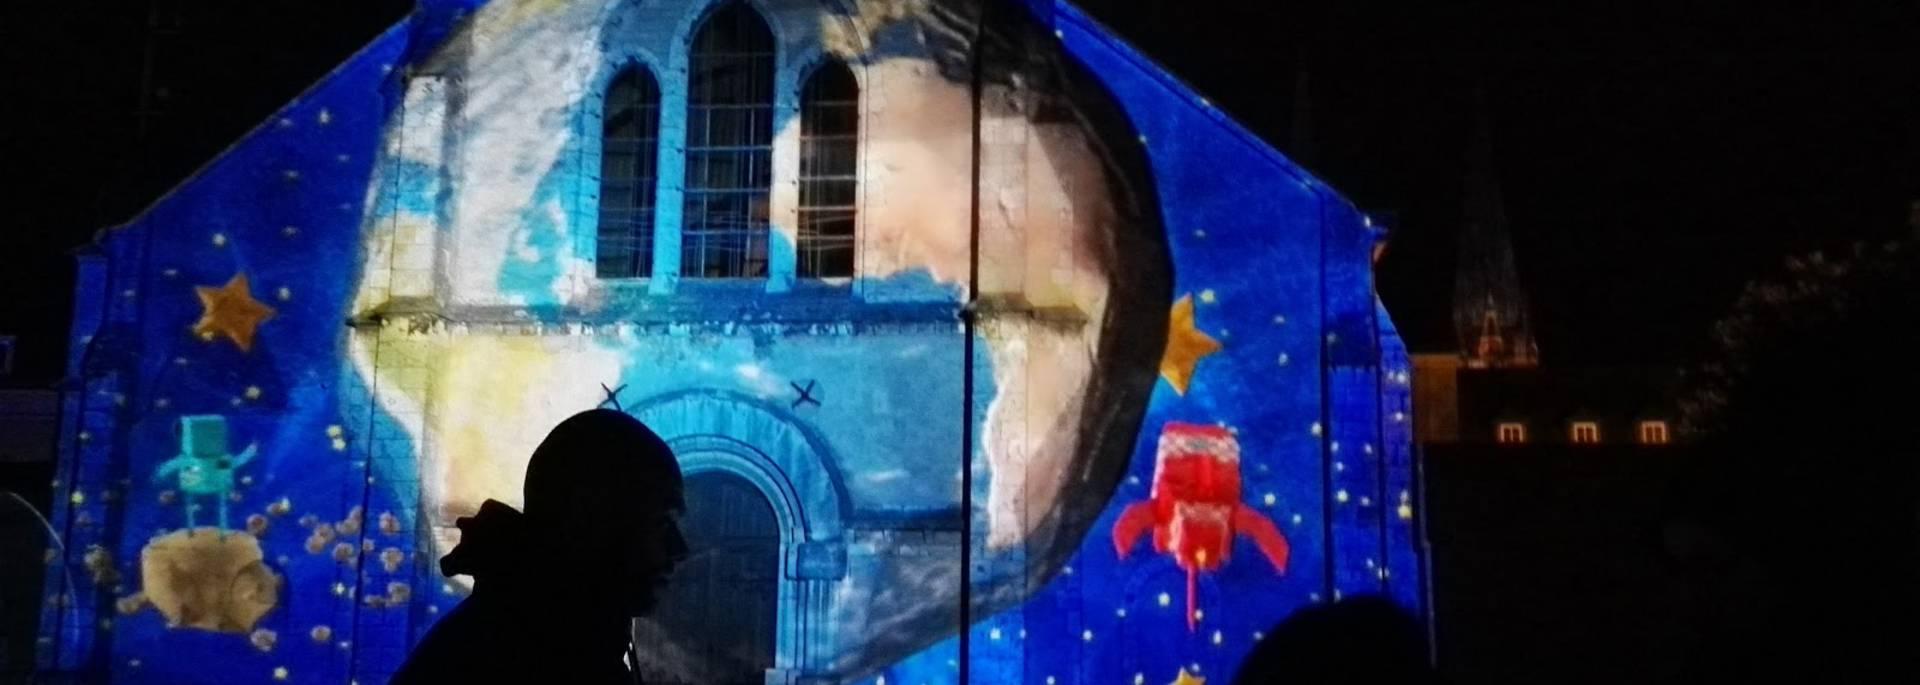 Vue de la scénographie de l'Église Sainte Foy